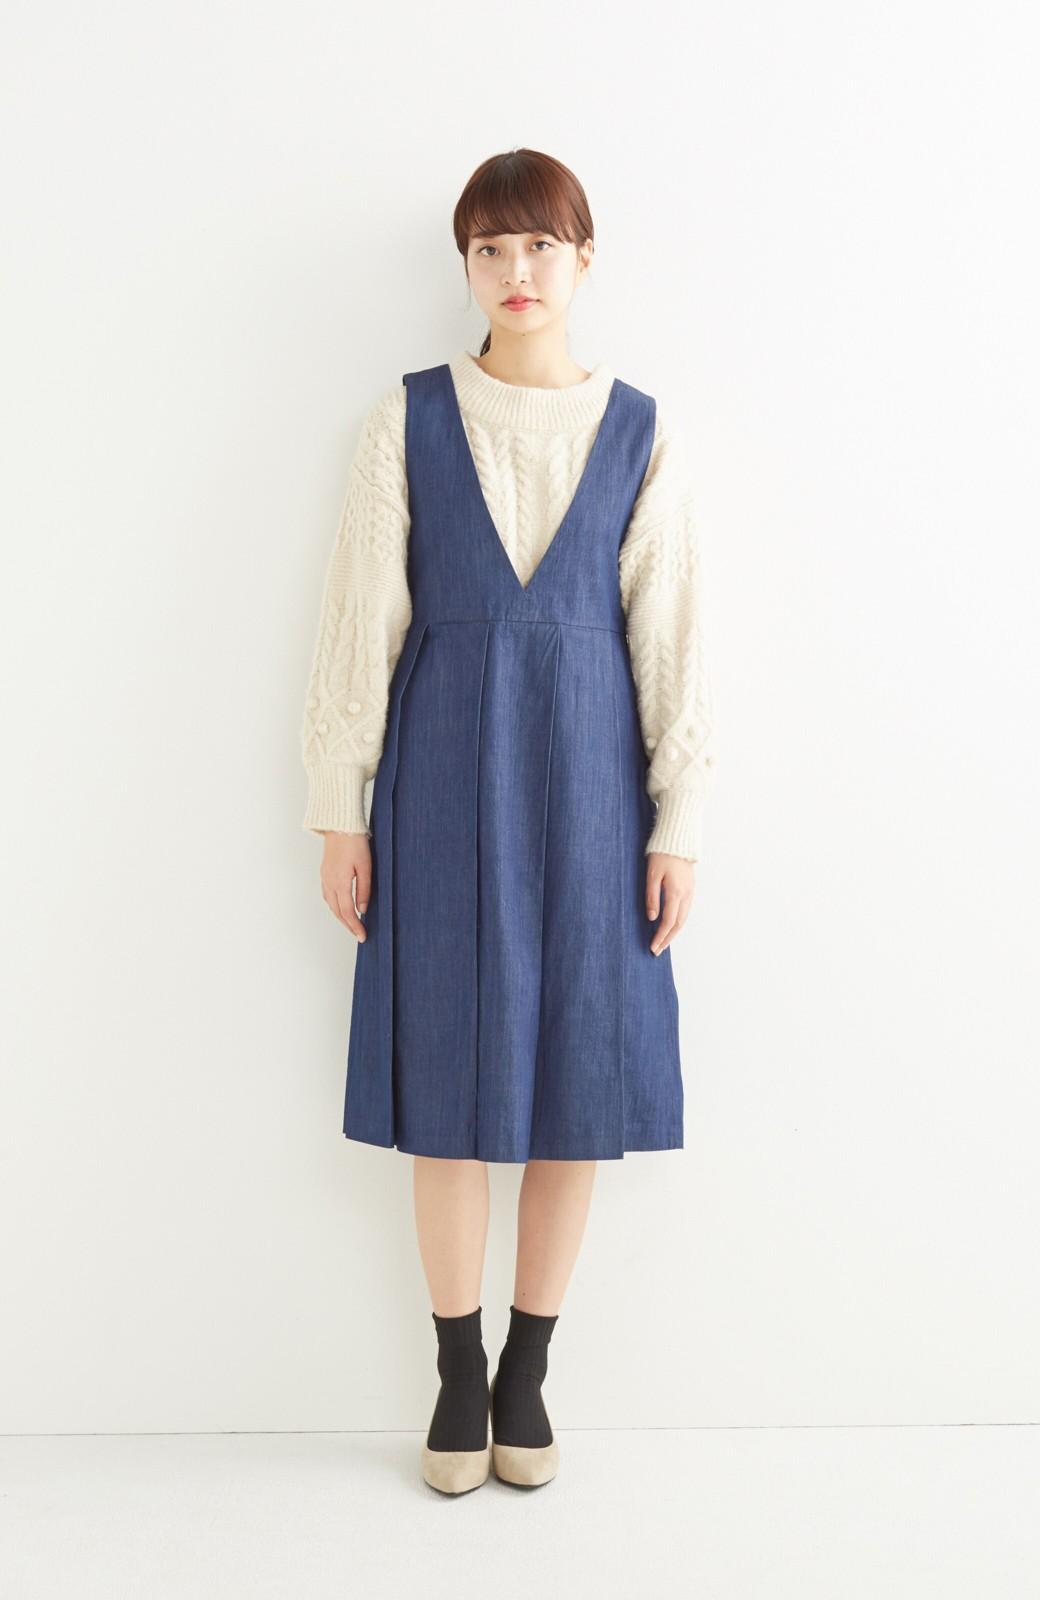 nusy やわらか麻混デニム素材のビッグプリーツジャンパースカート <インディゴブルー>の商品写真3